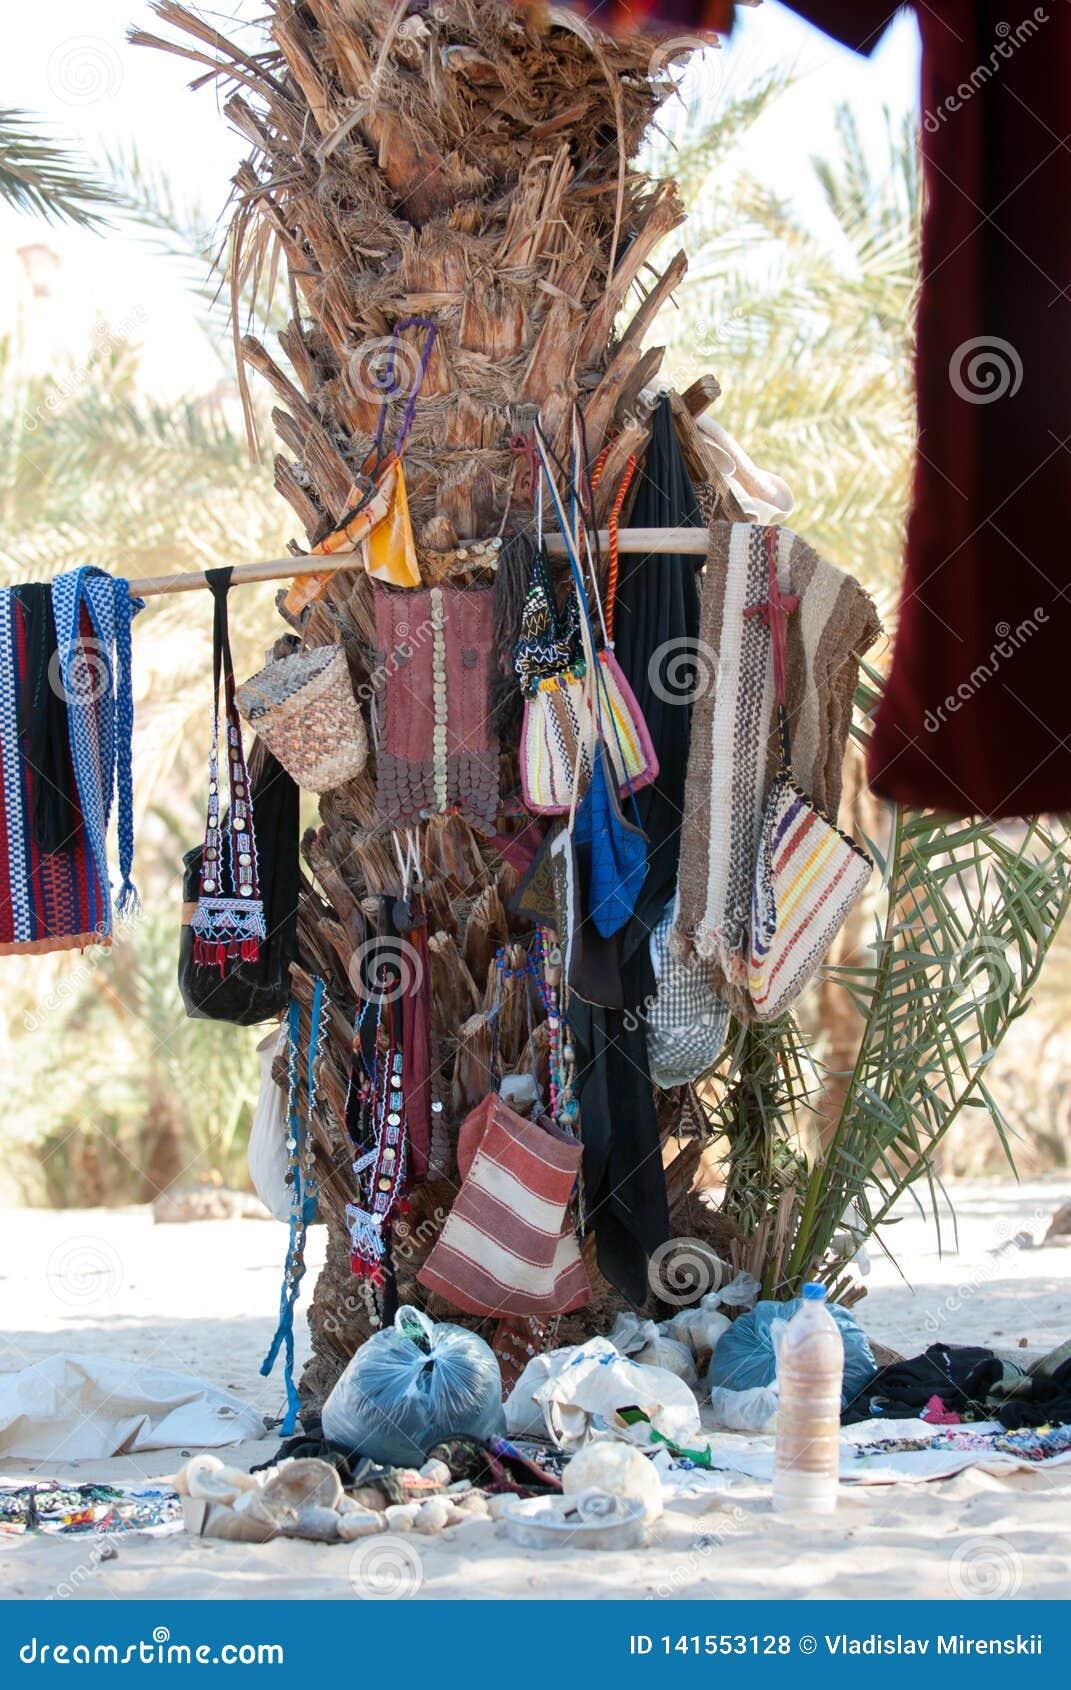 La paume dans un village bédouin dans la péninsule du Sinaï est utilisée comme endroit pour stocker des choses